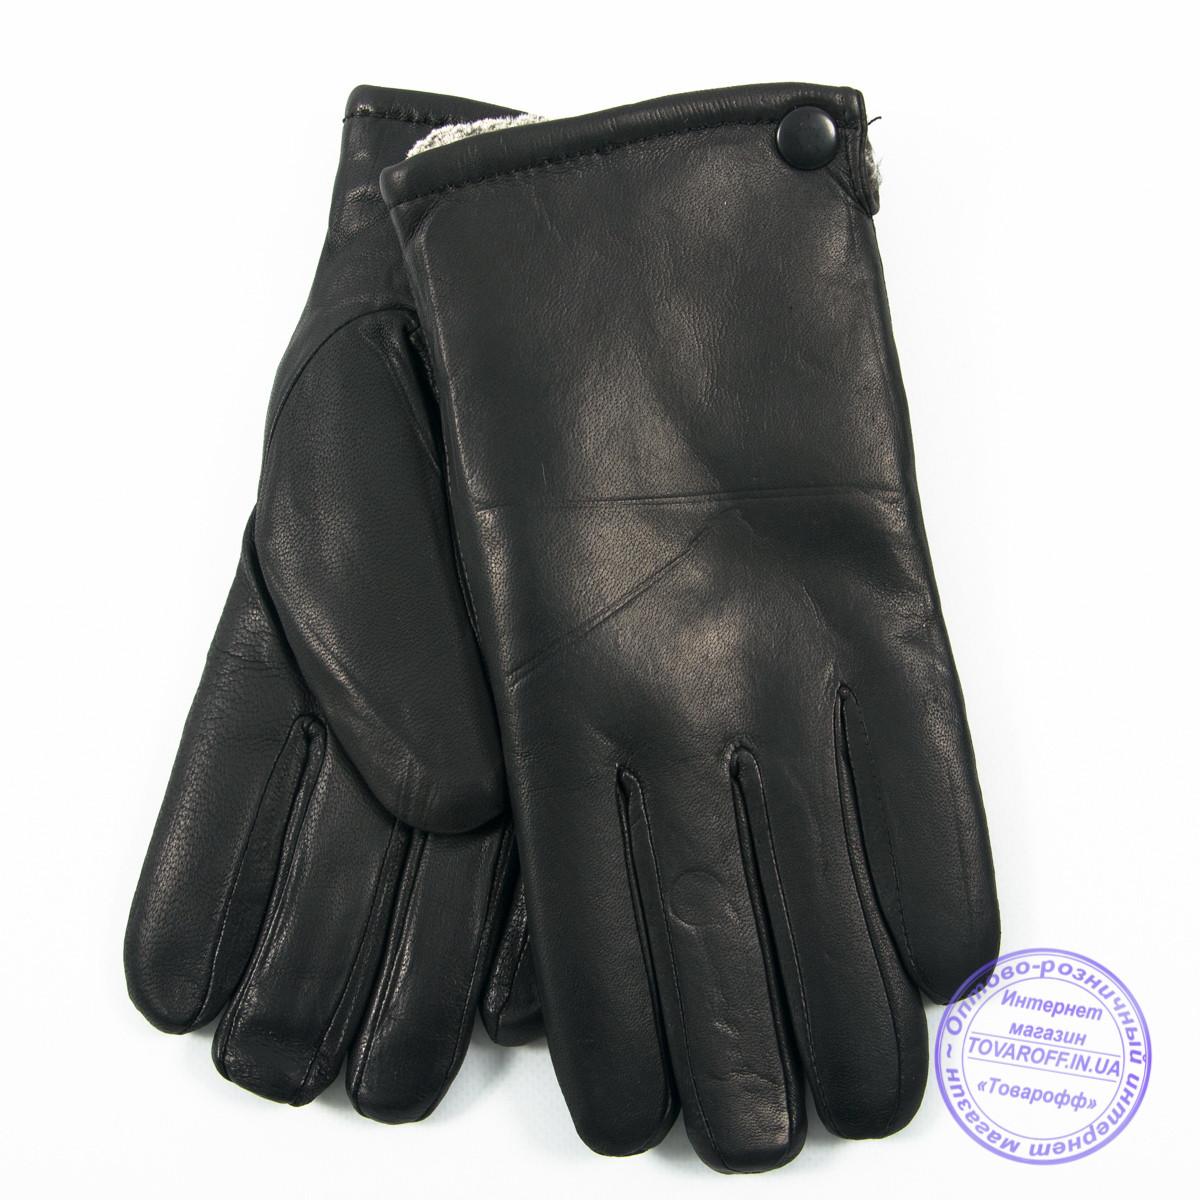 Мужские кожаные (матовая кожа) перчатки зимние на сером шерстяном меху - №M30-3